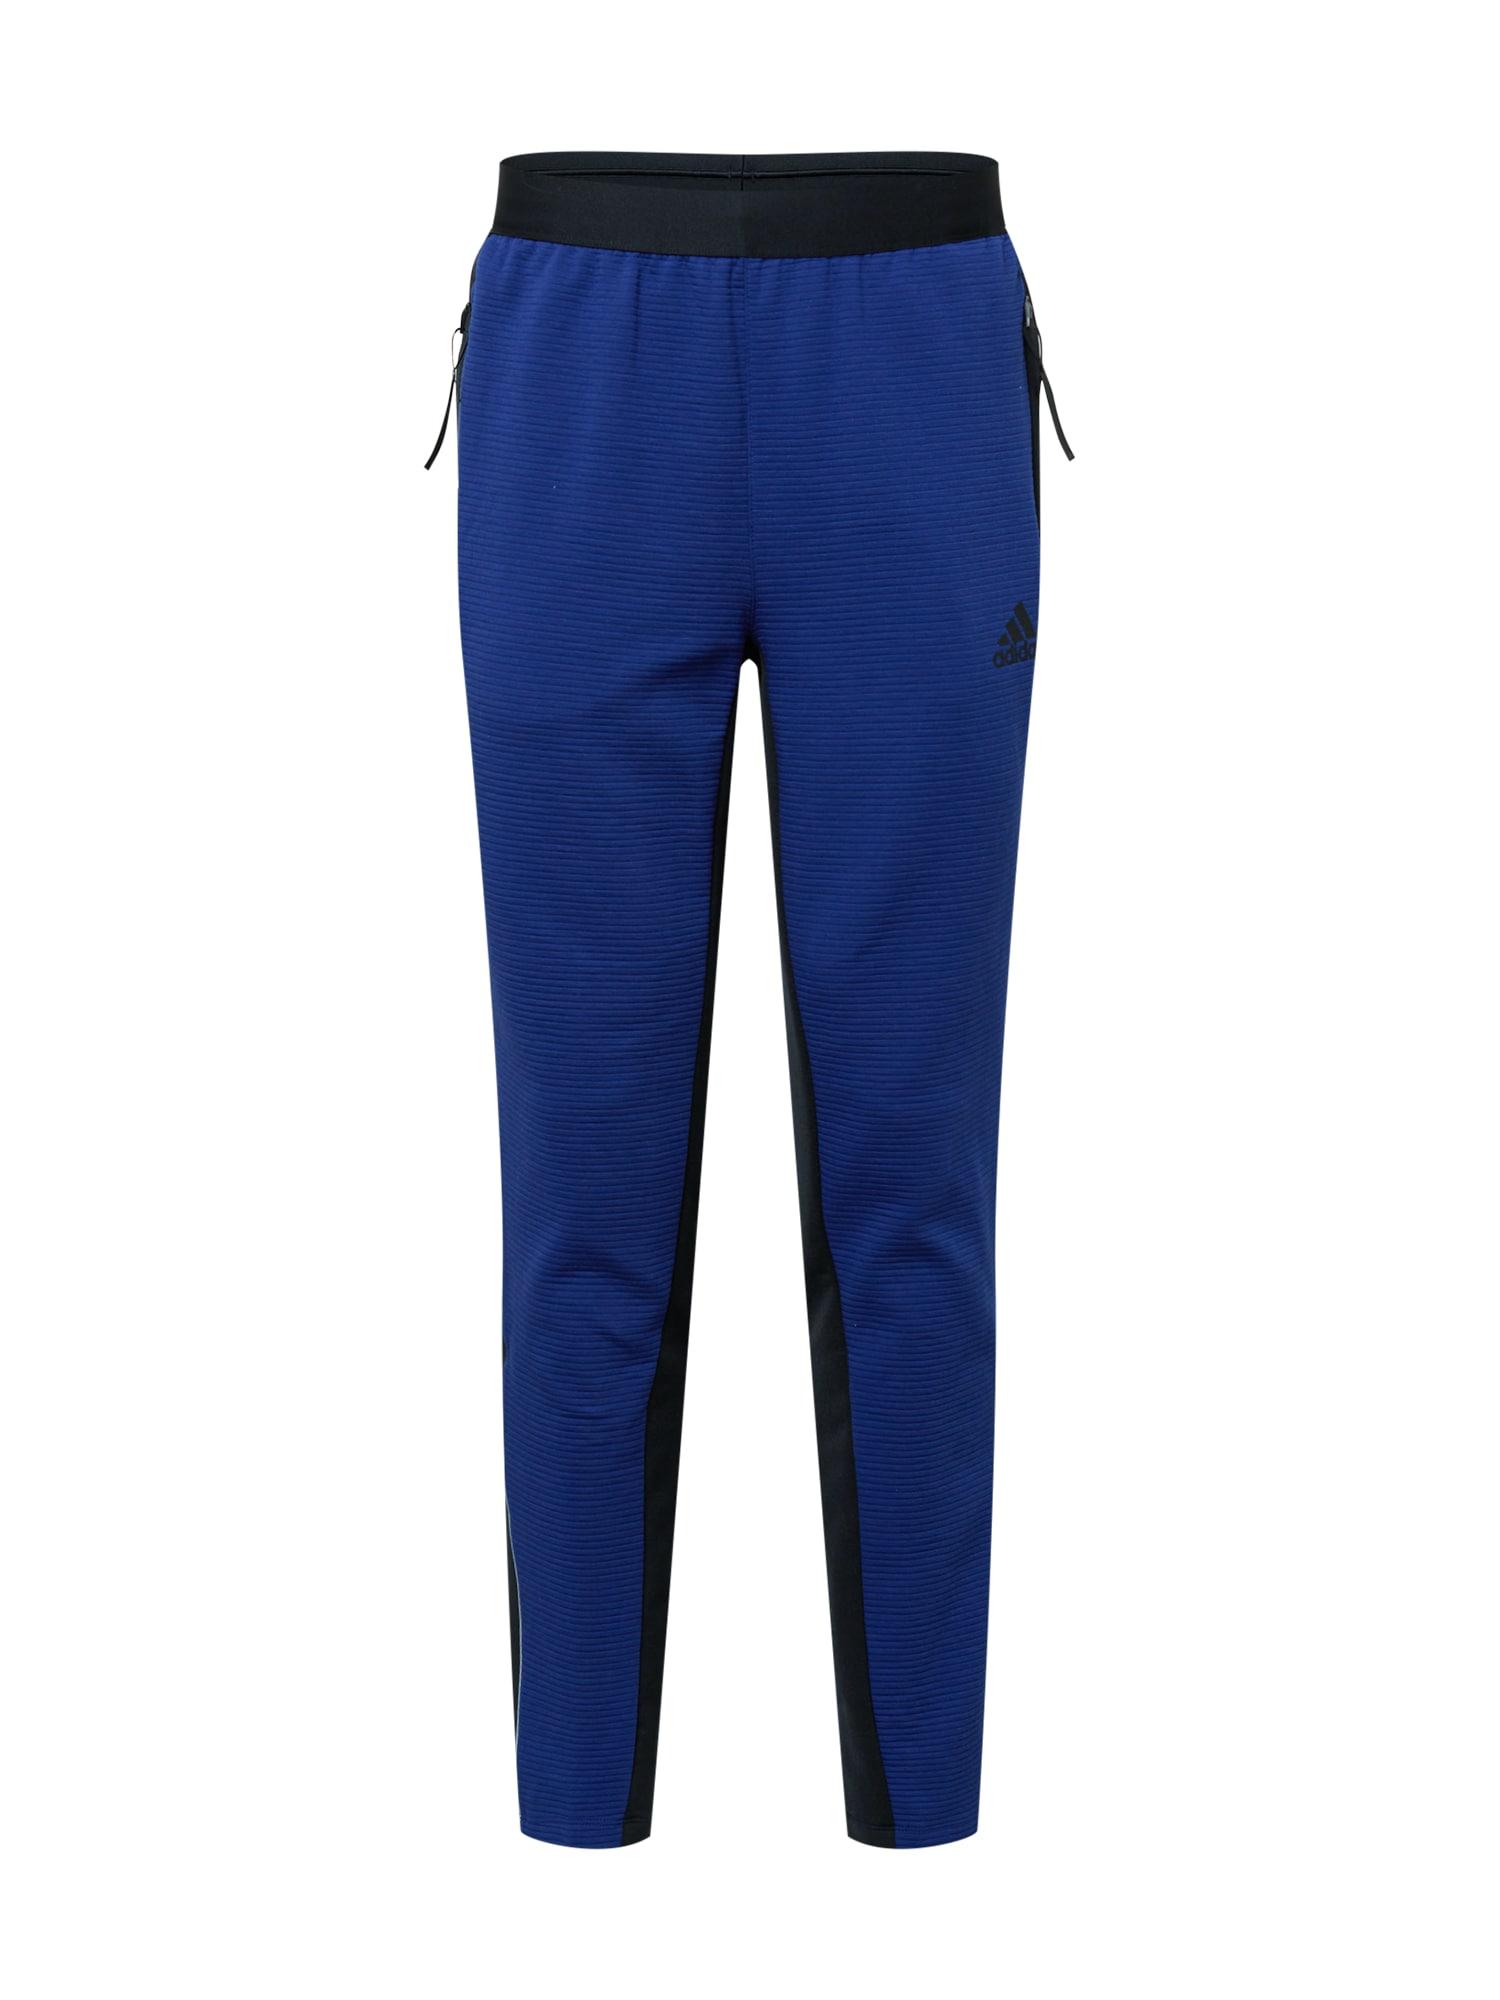 ADIDAS PERFORMANCE Sportovní kalhoty  modrá / černá